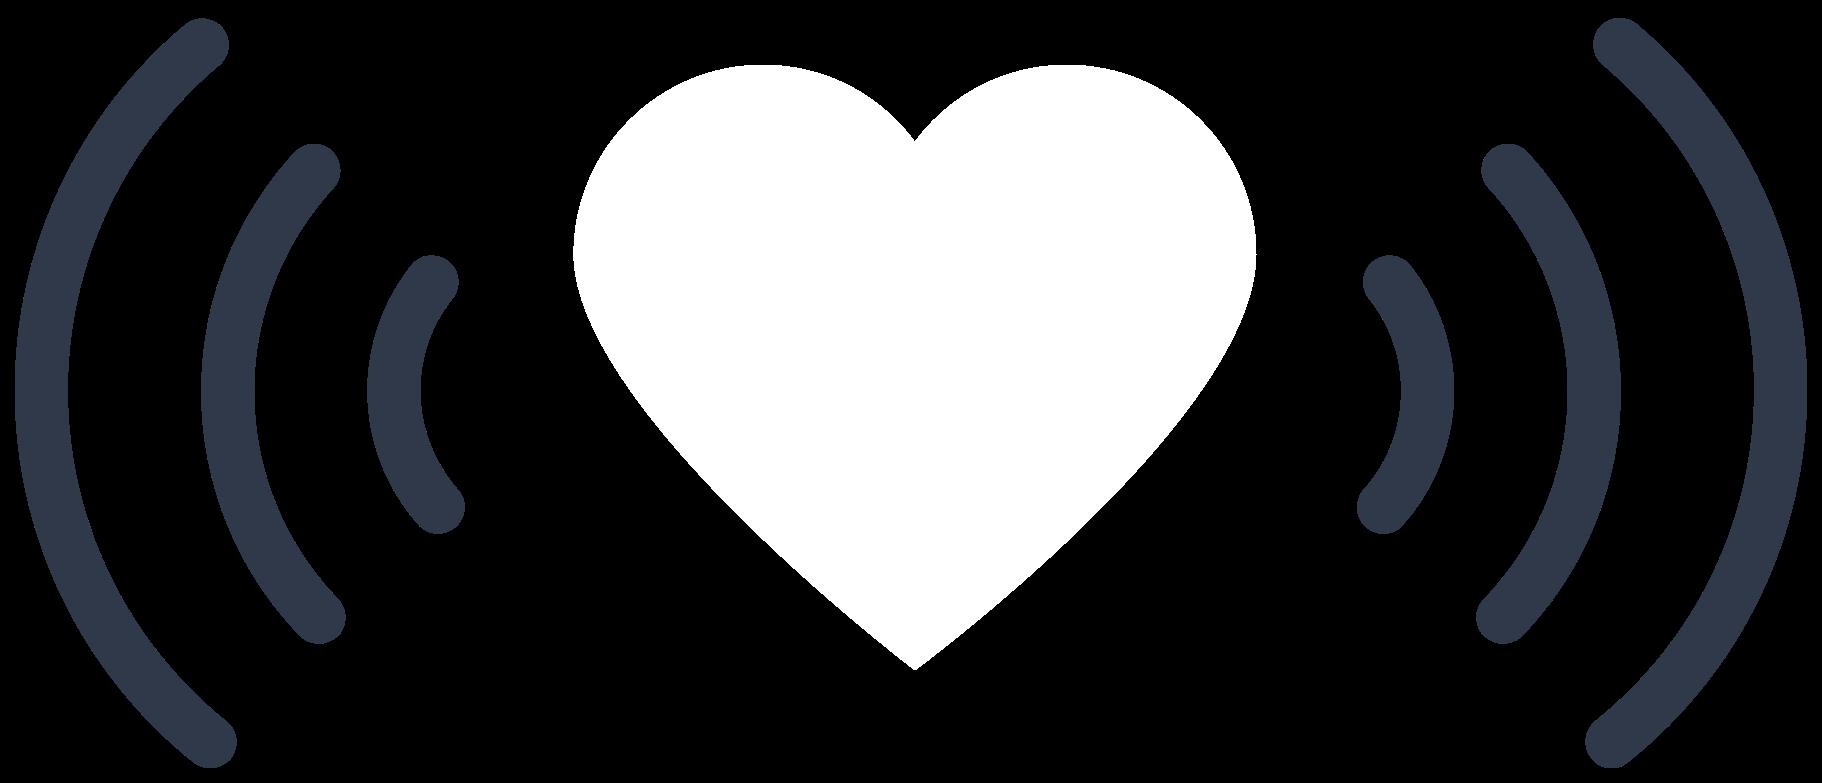 moniteur de fréquence cardiaque png